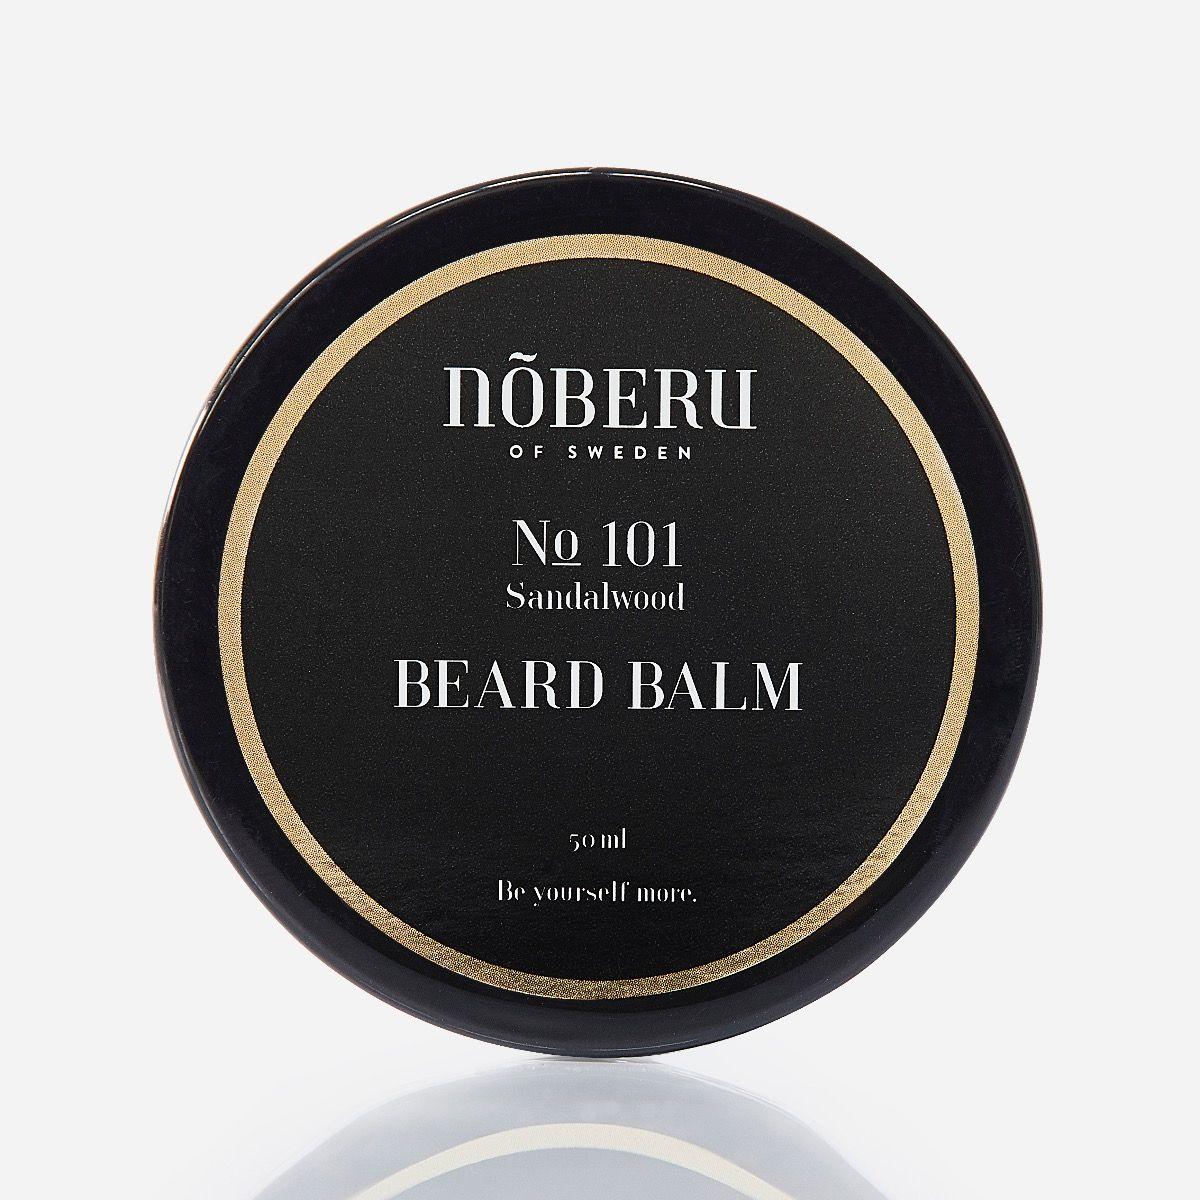 Nõberu Beard Balm Sandalwood 50ml